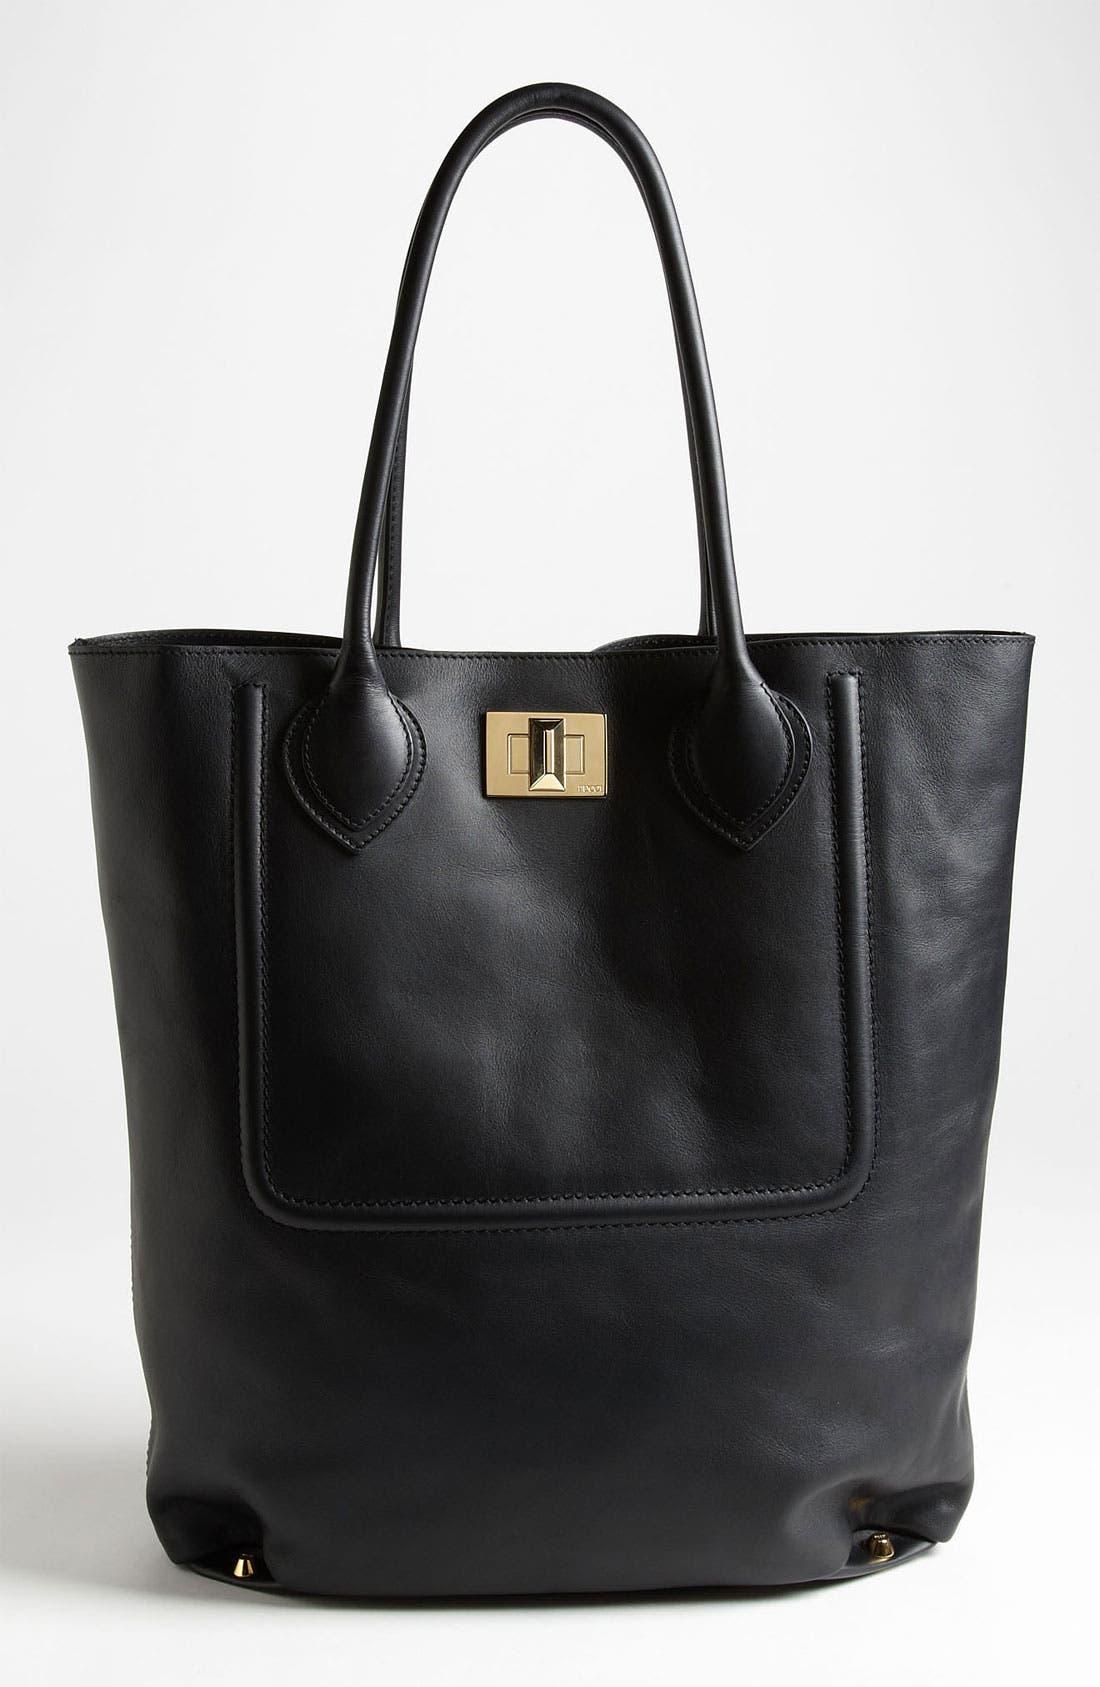 Main Image - Emilio Pucci Leather Tote